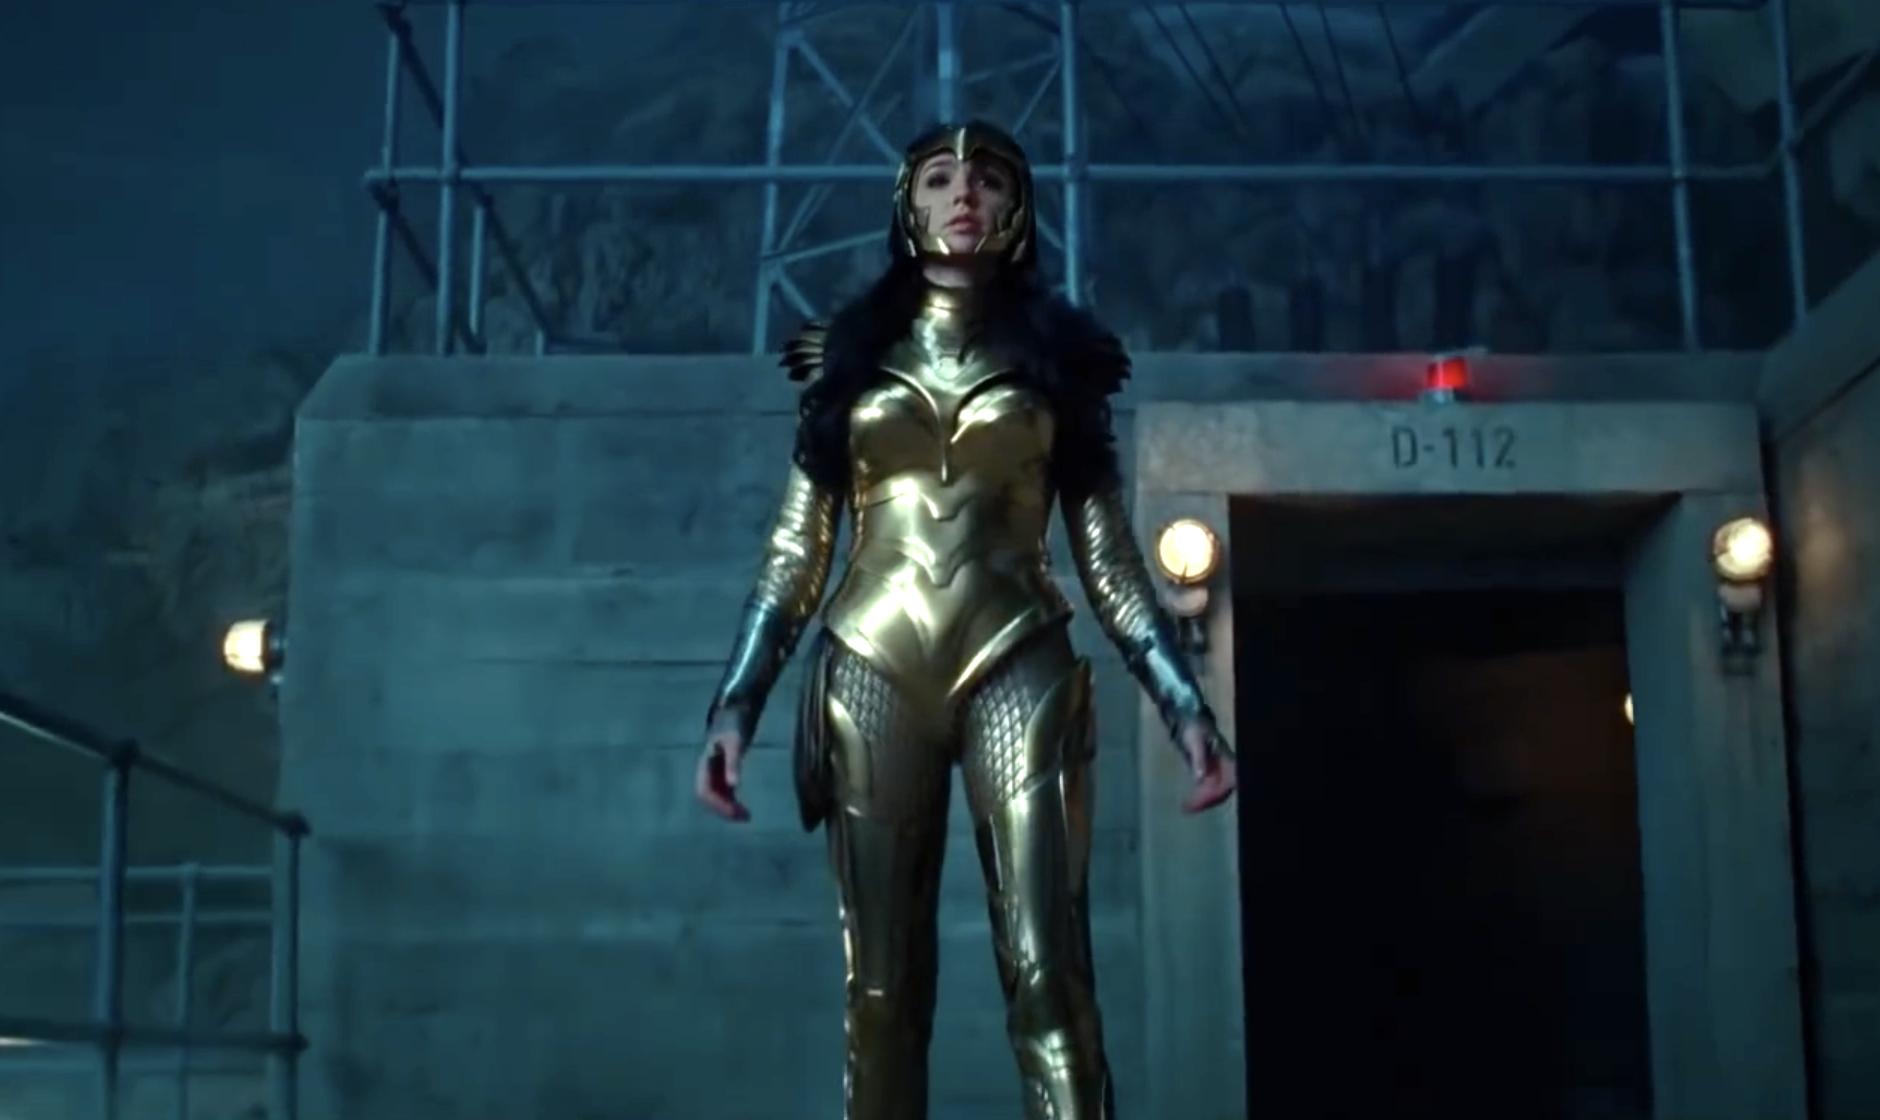 Wonder Woman 1984 - Gal Gadot w złotej zbroi na okładce. Nowe zdjęcia z filmu